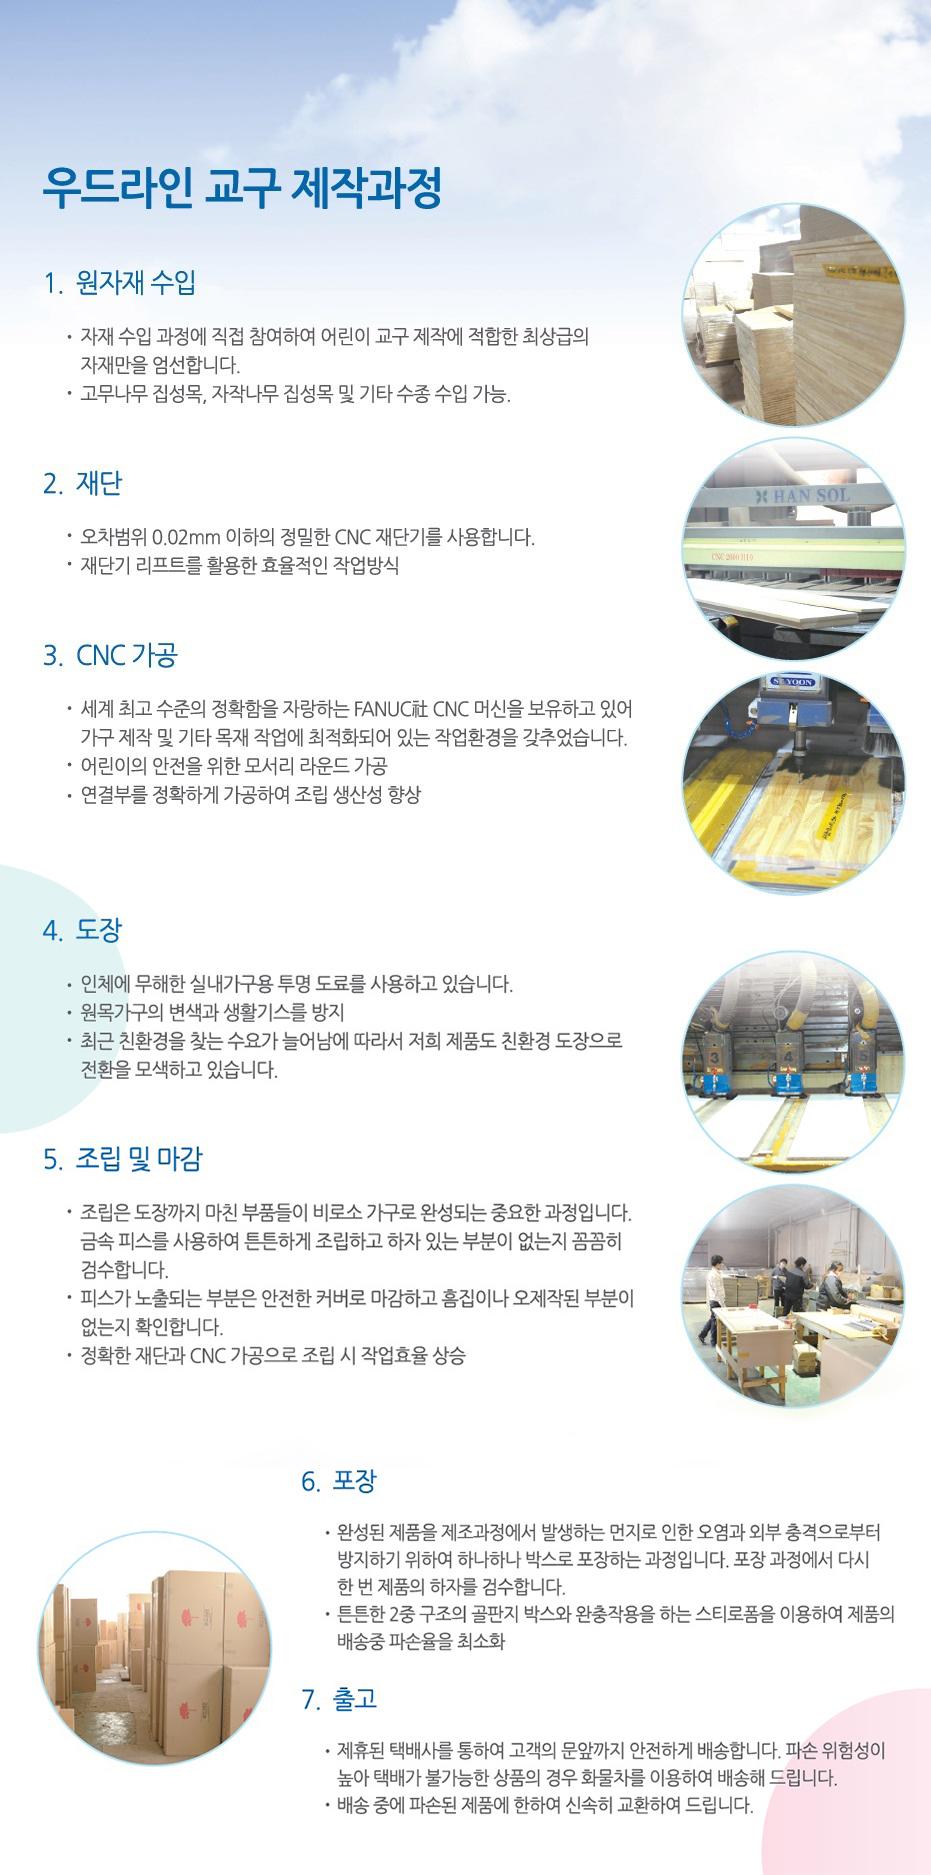 002_우드라인교구제작과정.jpg